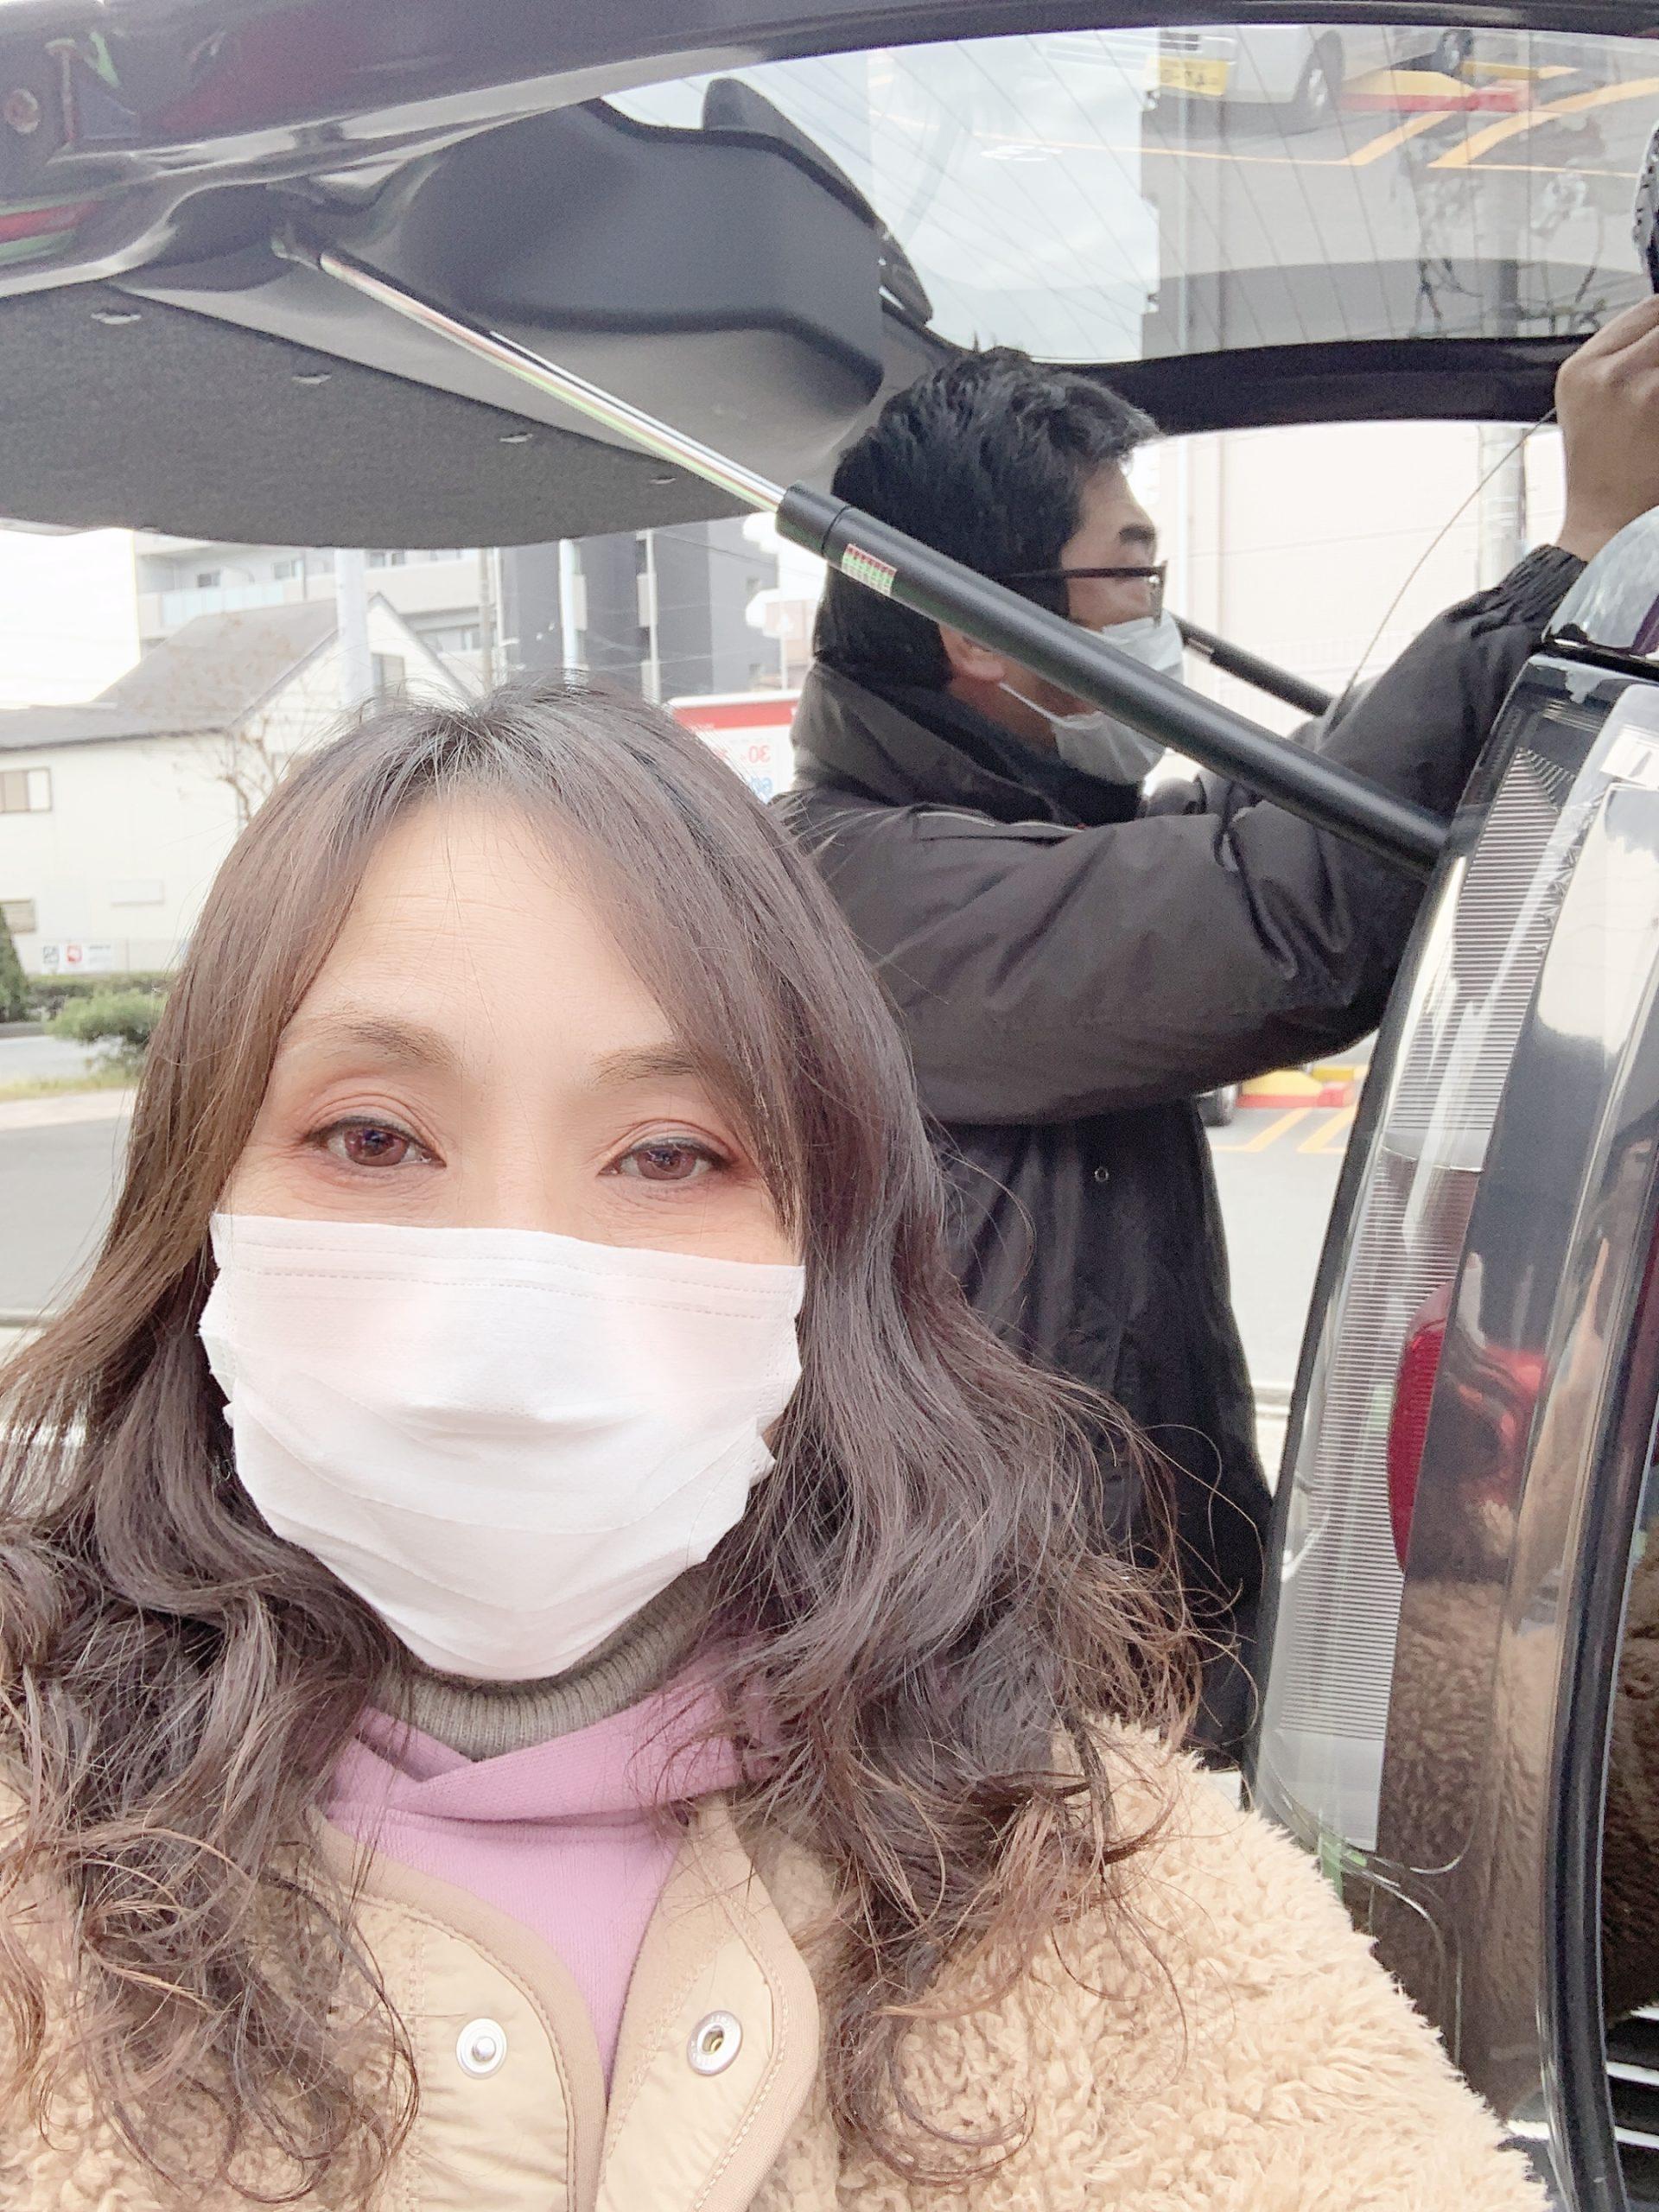 ご納車の準備♪ 愛知 名古屋 自社ローン マイカー横綱くん(*^_^*)